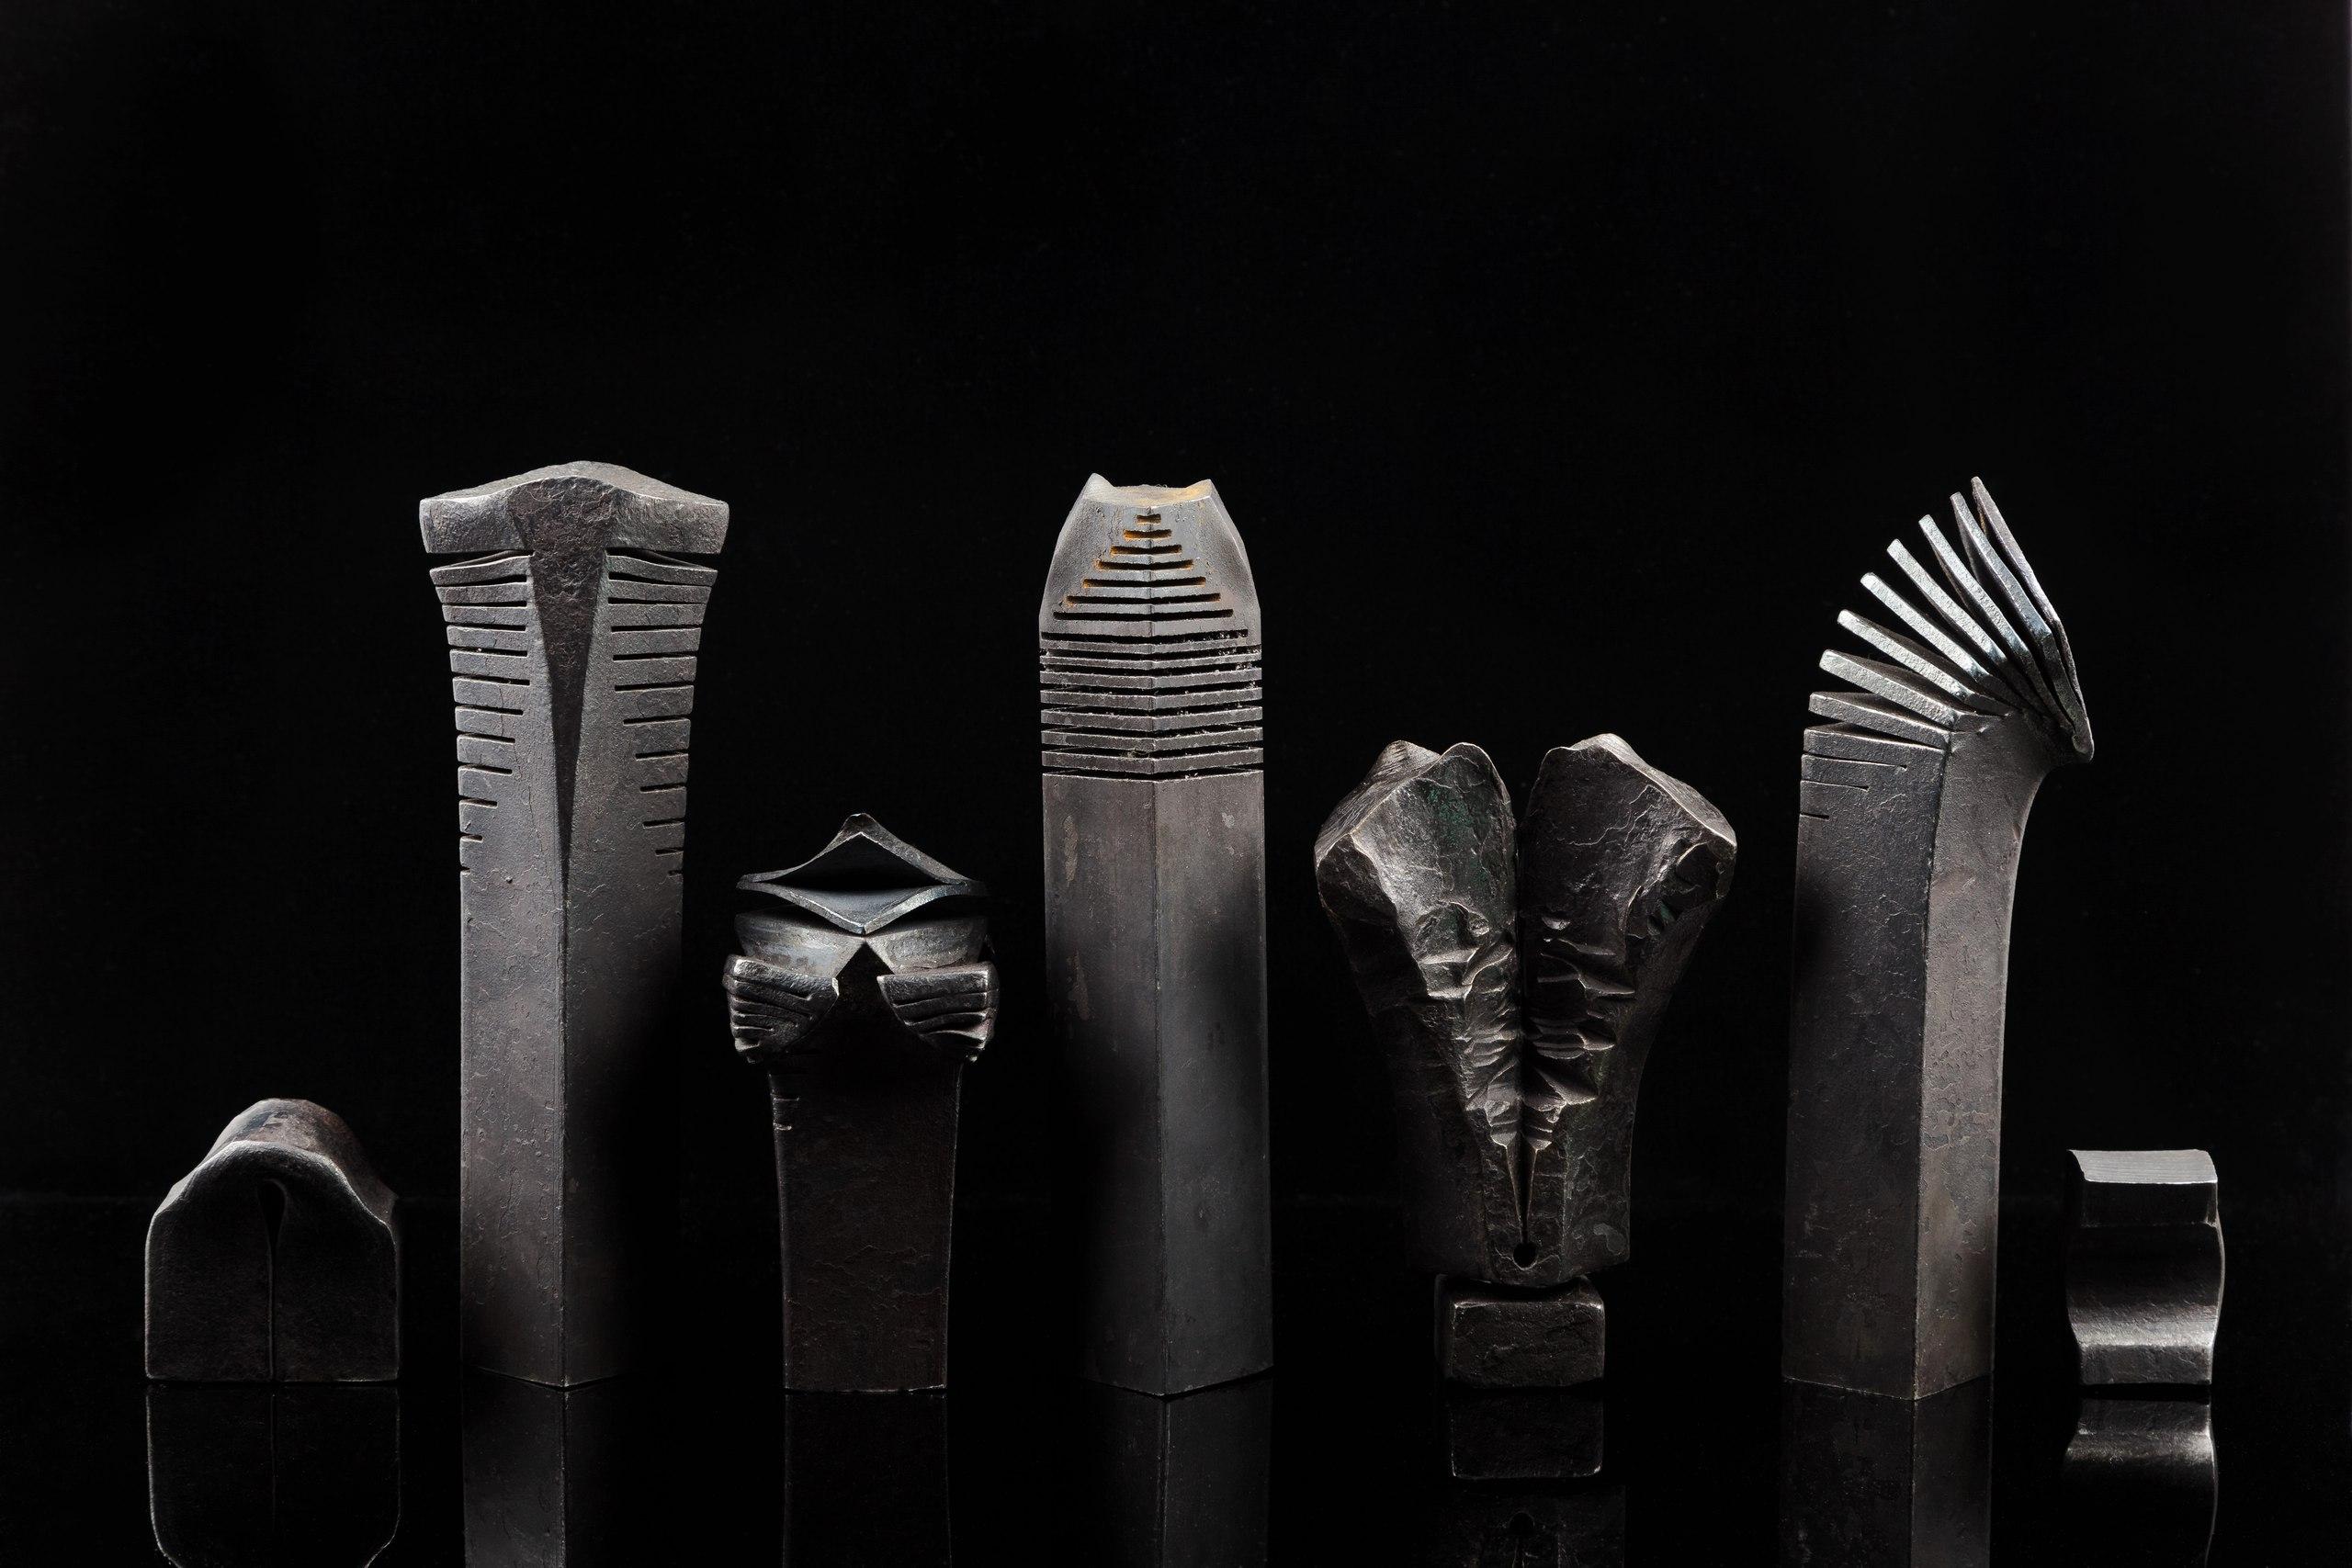 Выпускники магистратуры кафедры художественной обработки металла